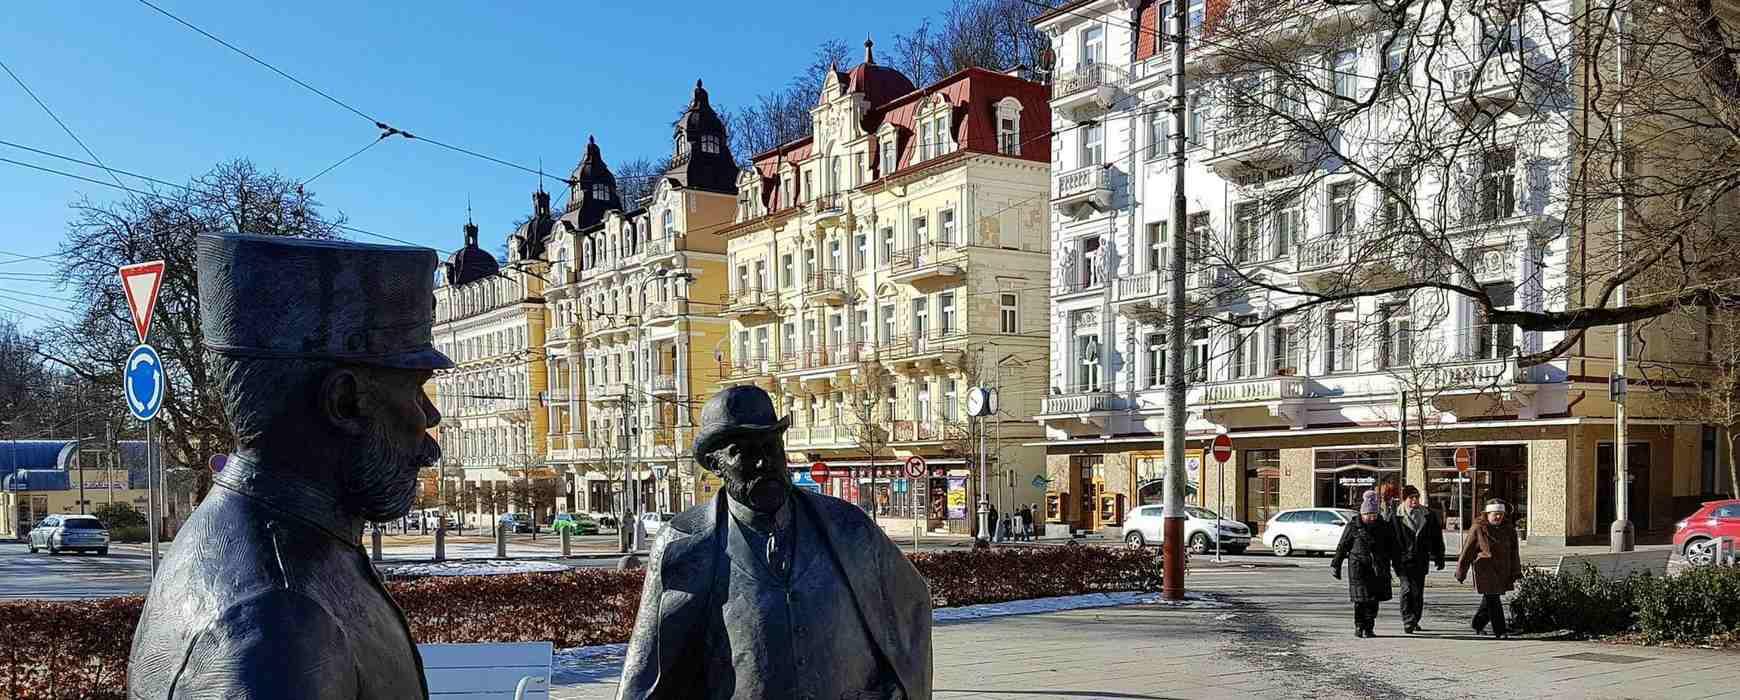 Statue von kaiser Franz Josef und König Edward VII im Kurpark von Marienbad